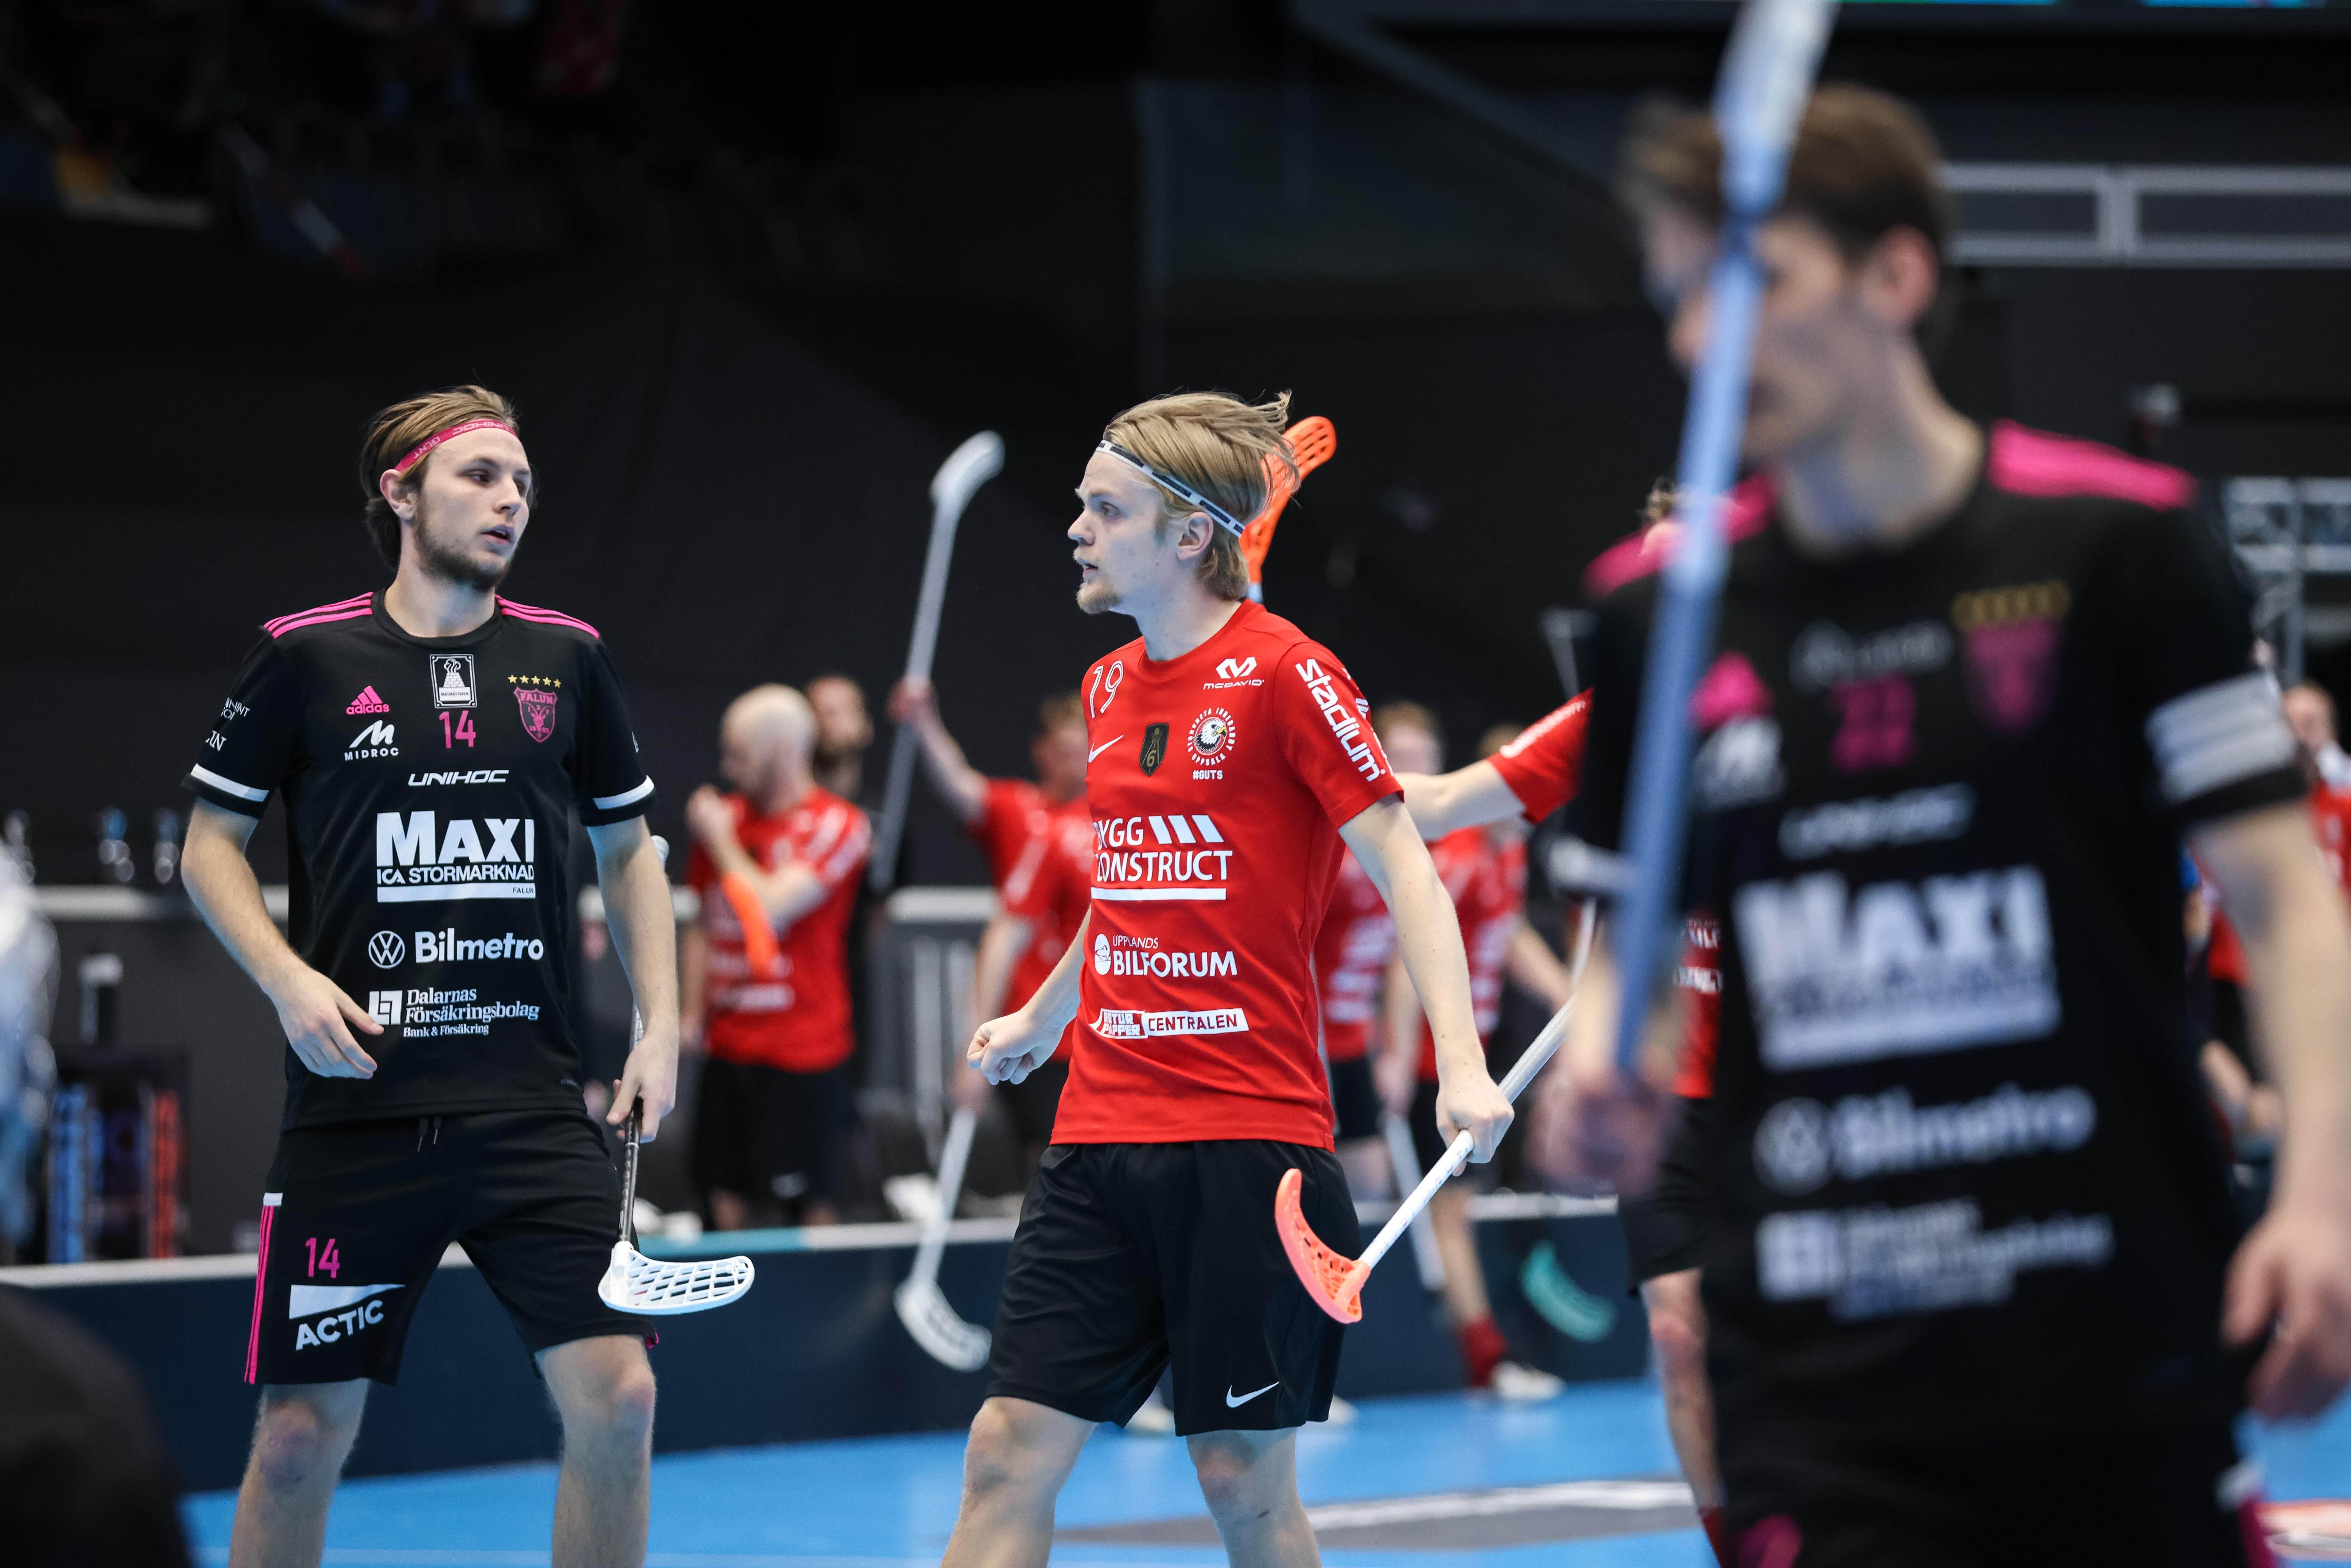 Stortalentet Filip Eriksson scoret i sin første finale for Storvreta, men det holdt ikke mot Falun. Foto: Svensk Innebandy